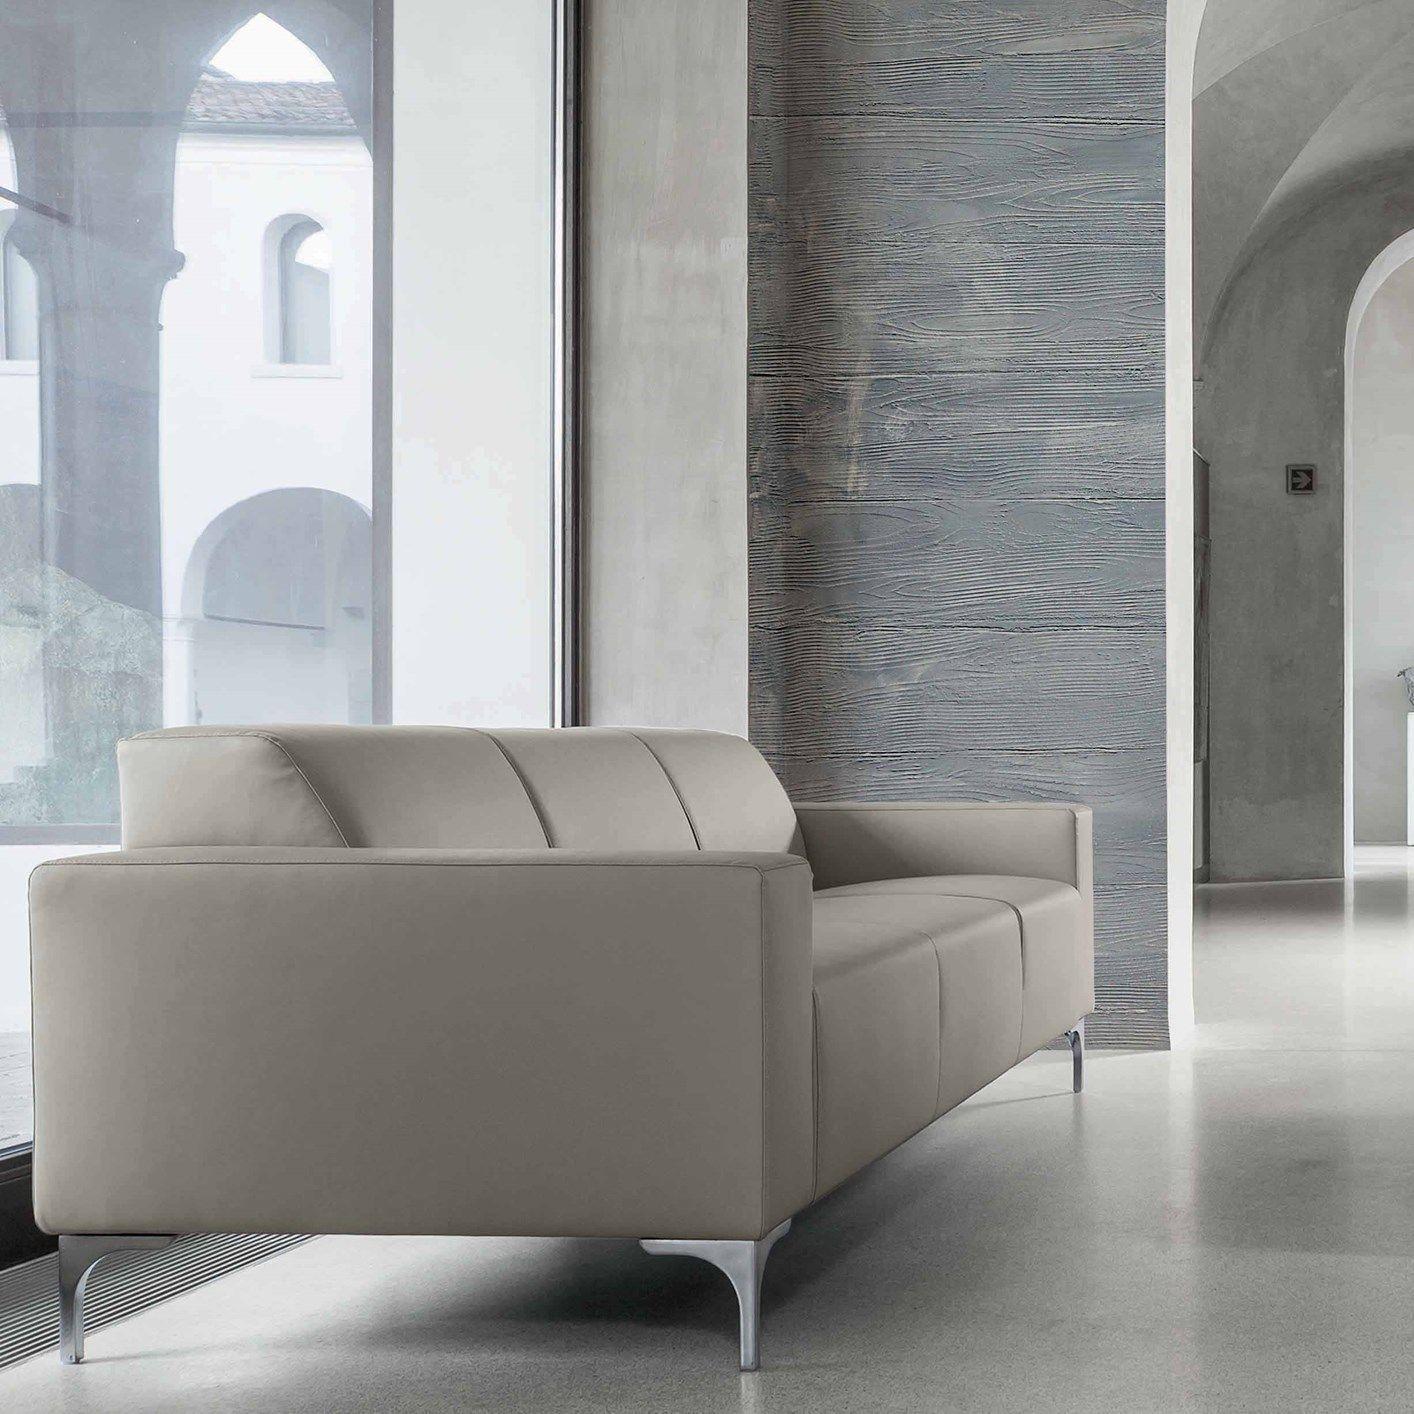 Effetti materici INSPIRATIONS: la decorazione d'interni non è solo colore